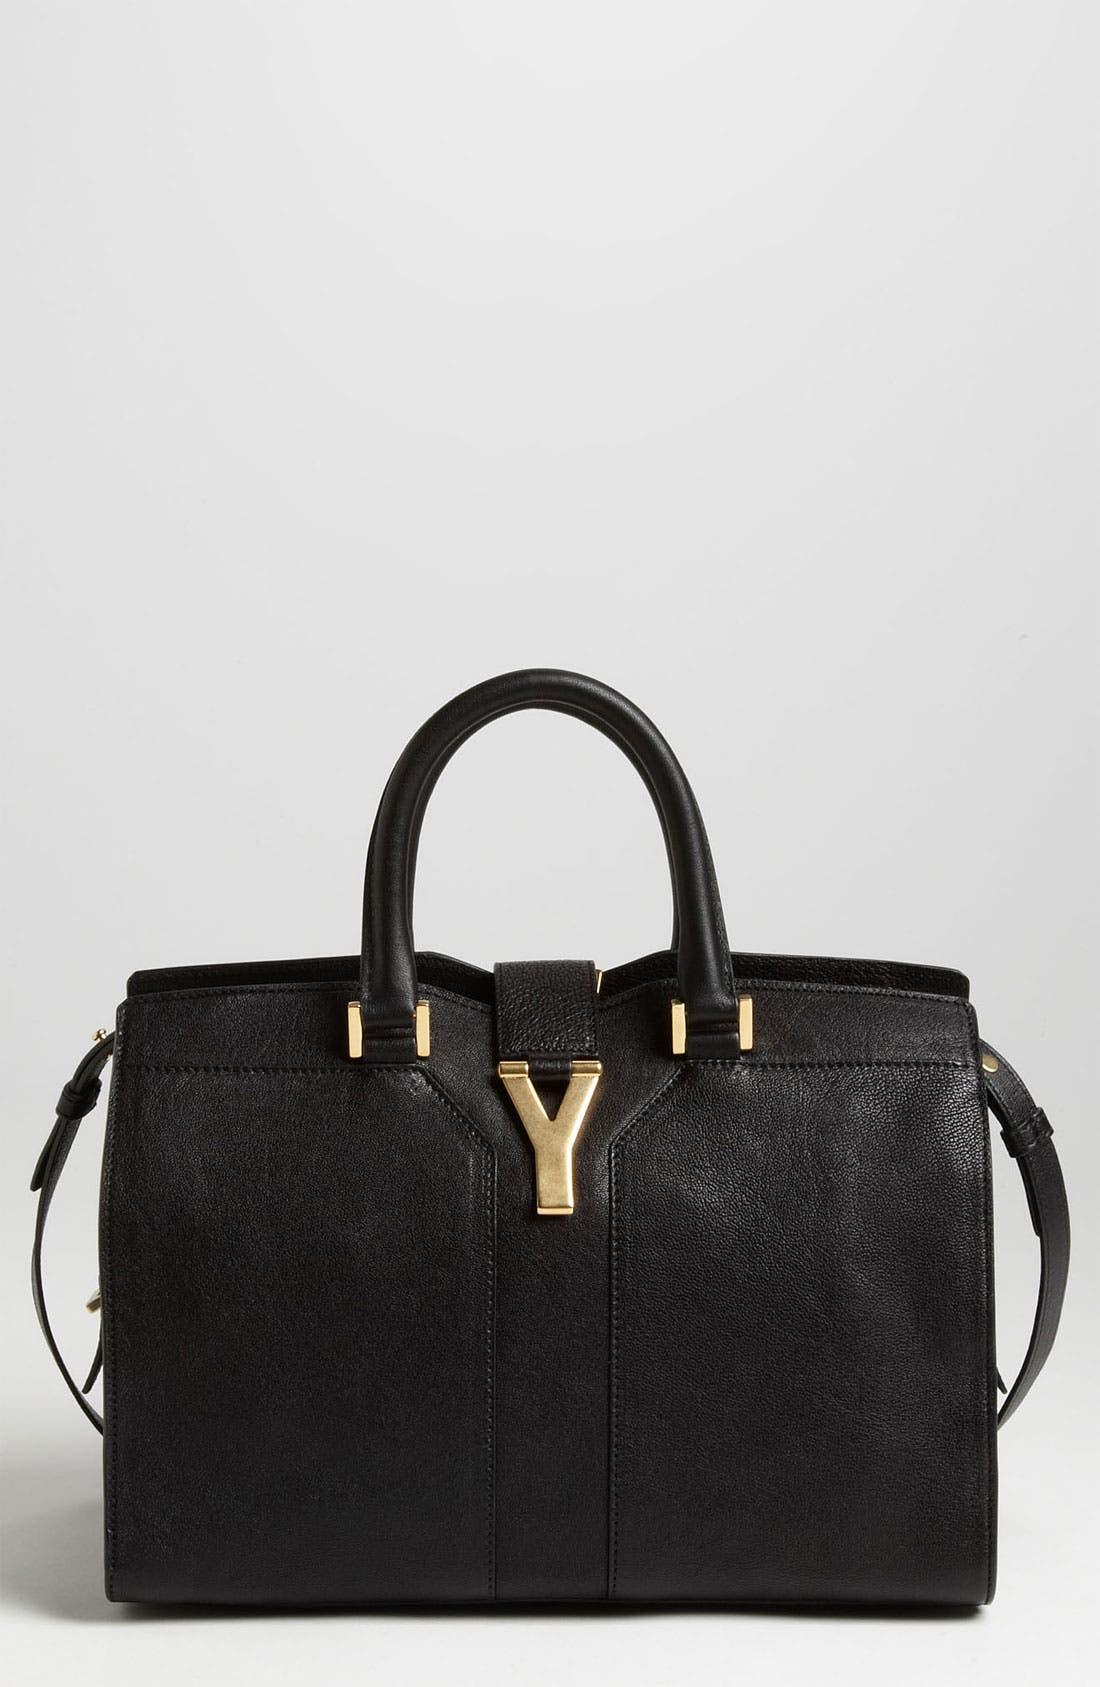 Main Image - Saint Laurent Paris 'Cabas Chyc - Mini' Leather